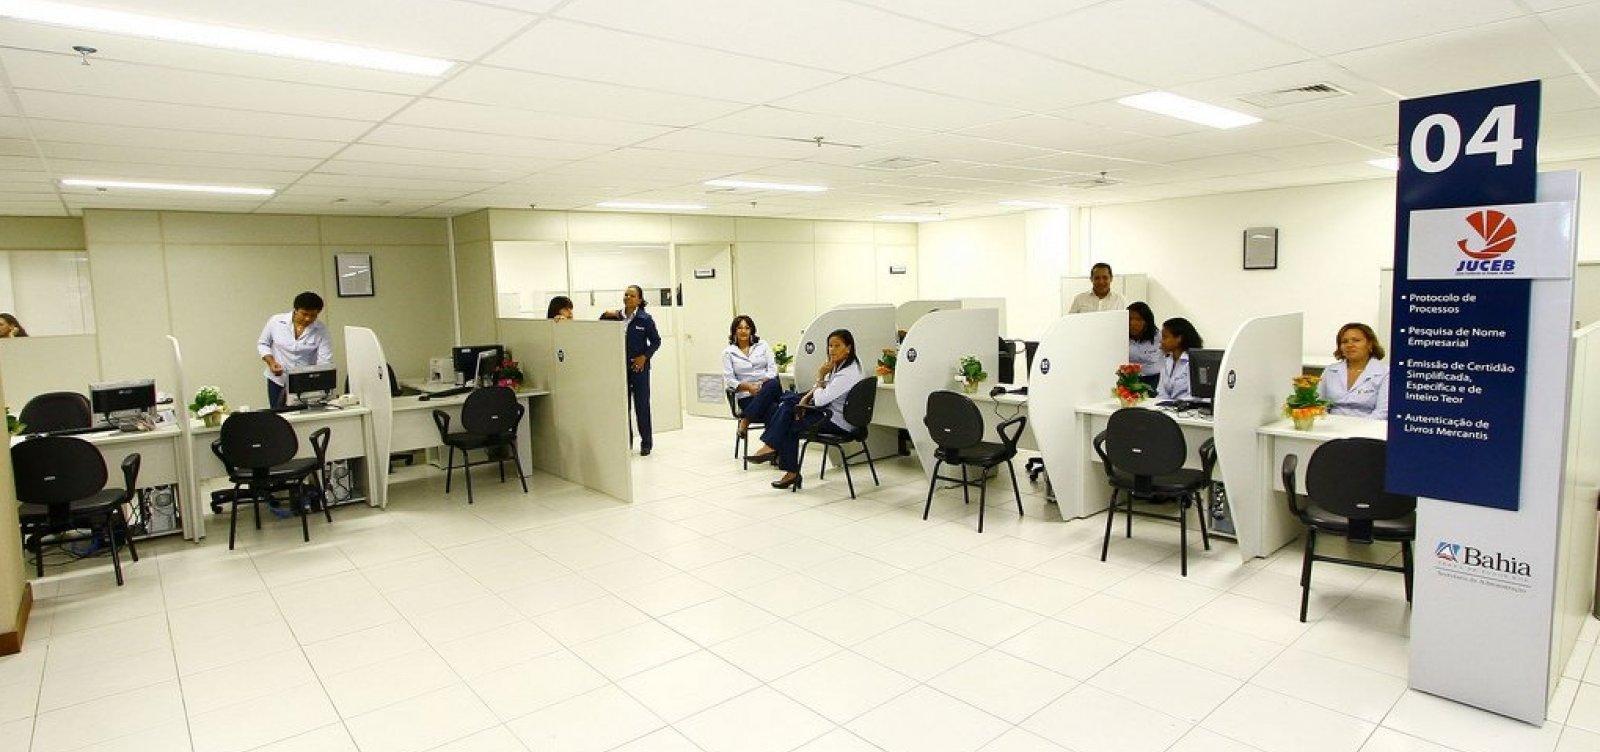 Dia dos Comerciários: unidades do SAC e da Justiça Eleitoral não abrem; saiba mais